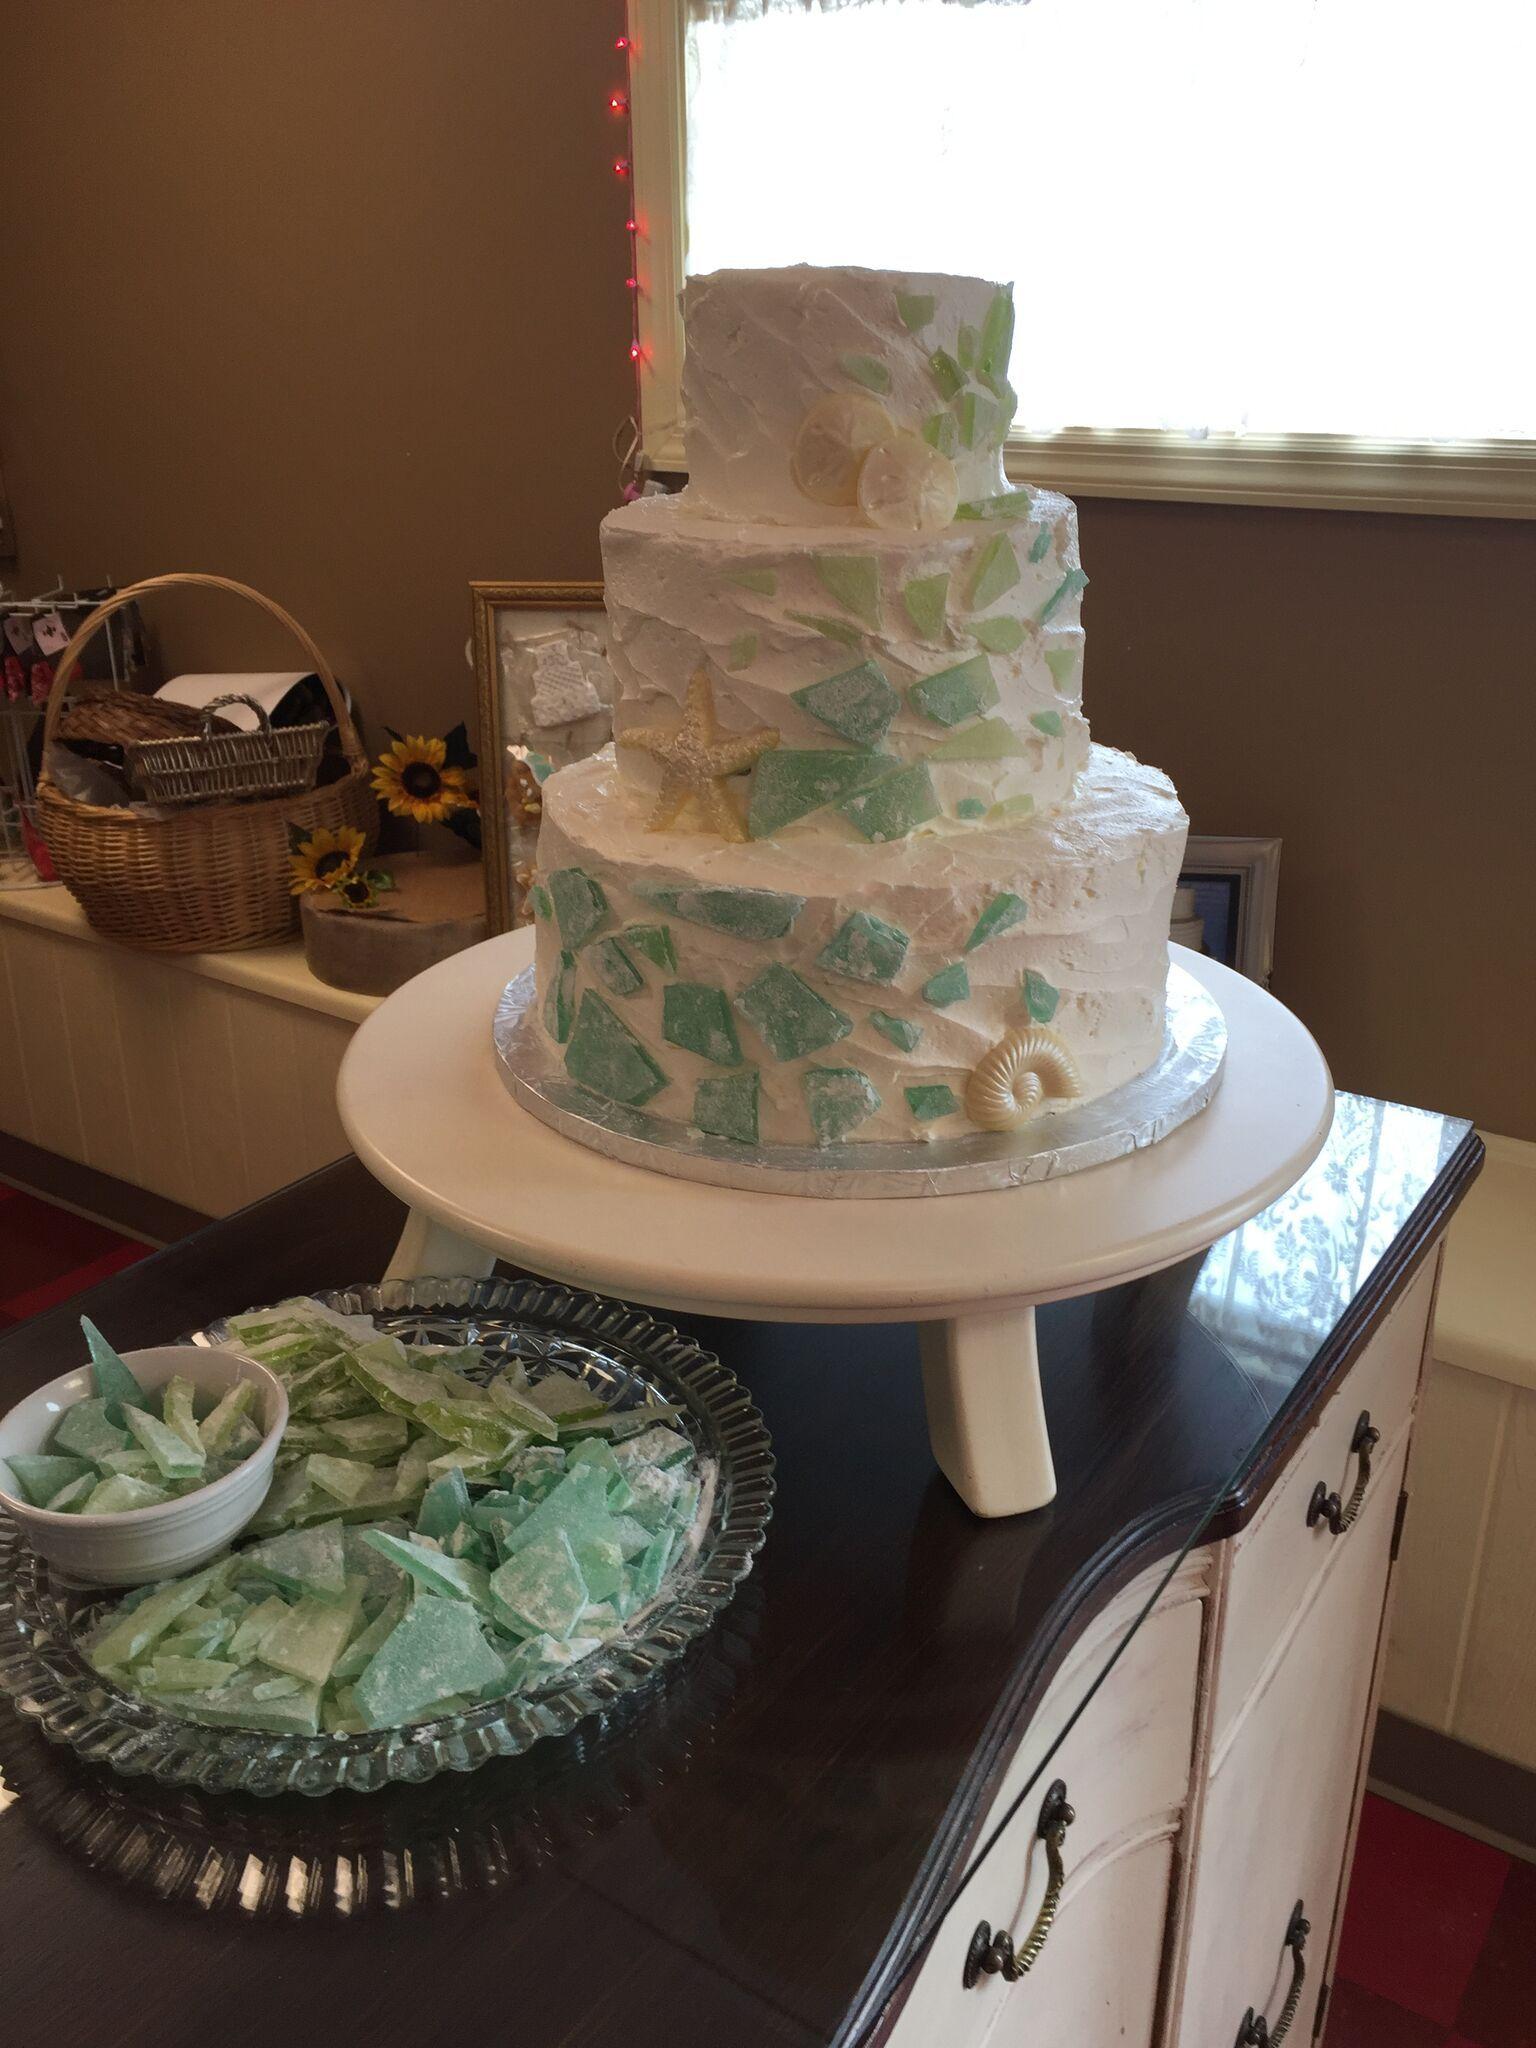 Broken sea glass wedding cake with edible broken glass